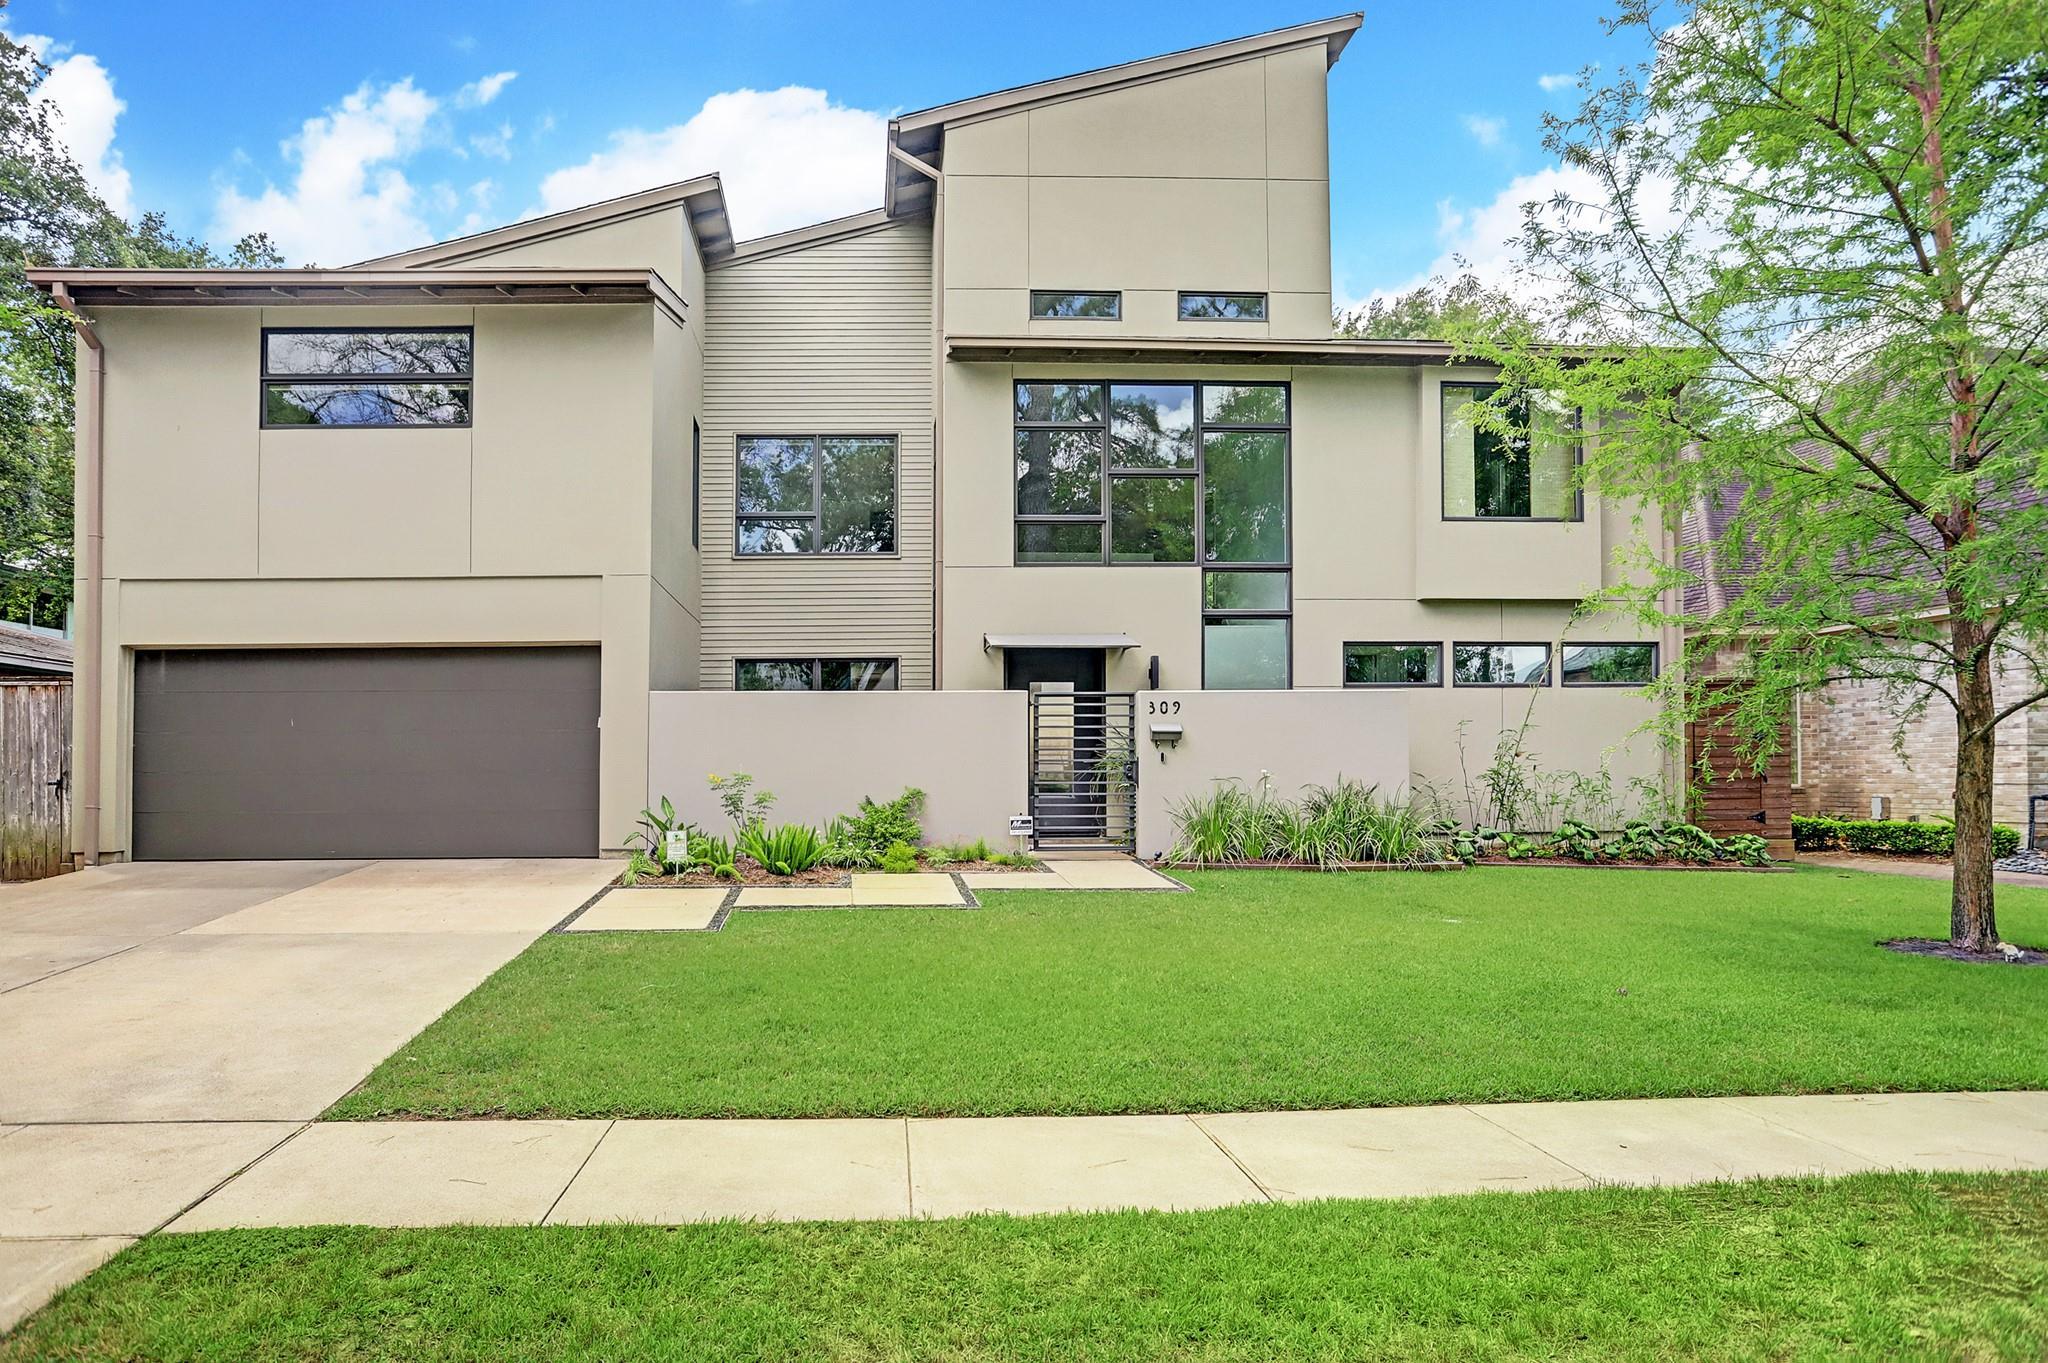 309 W Cowan Property Photo